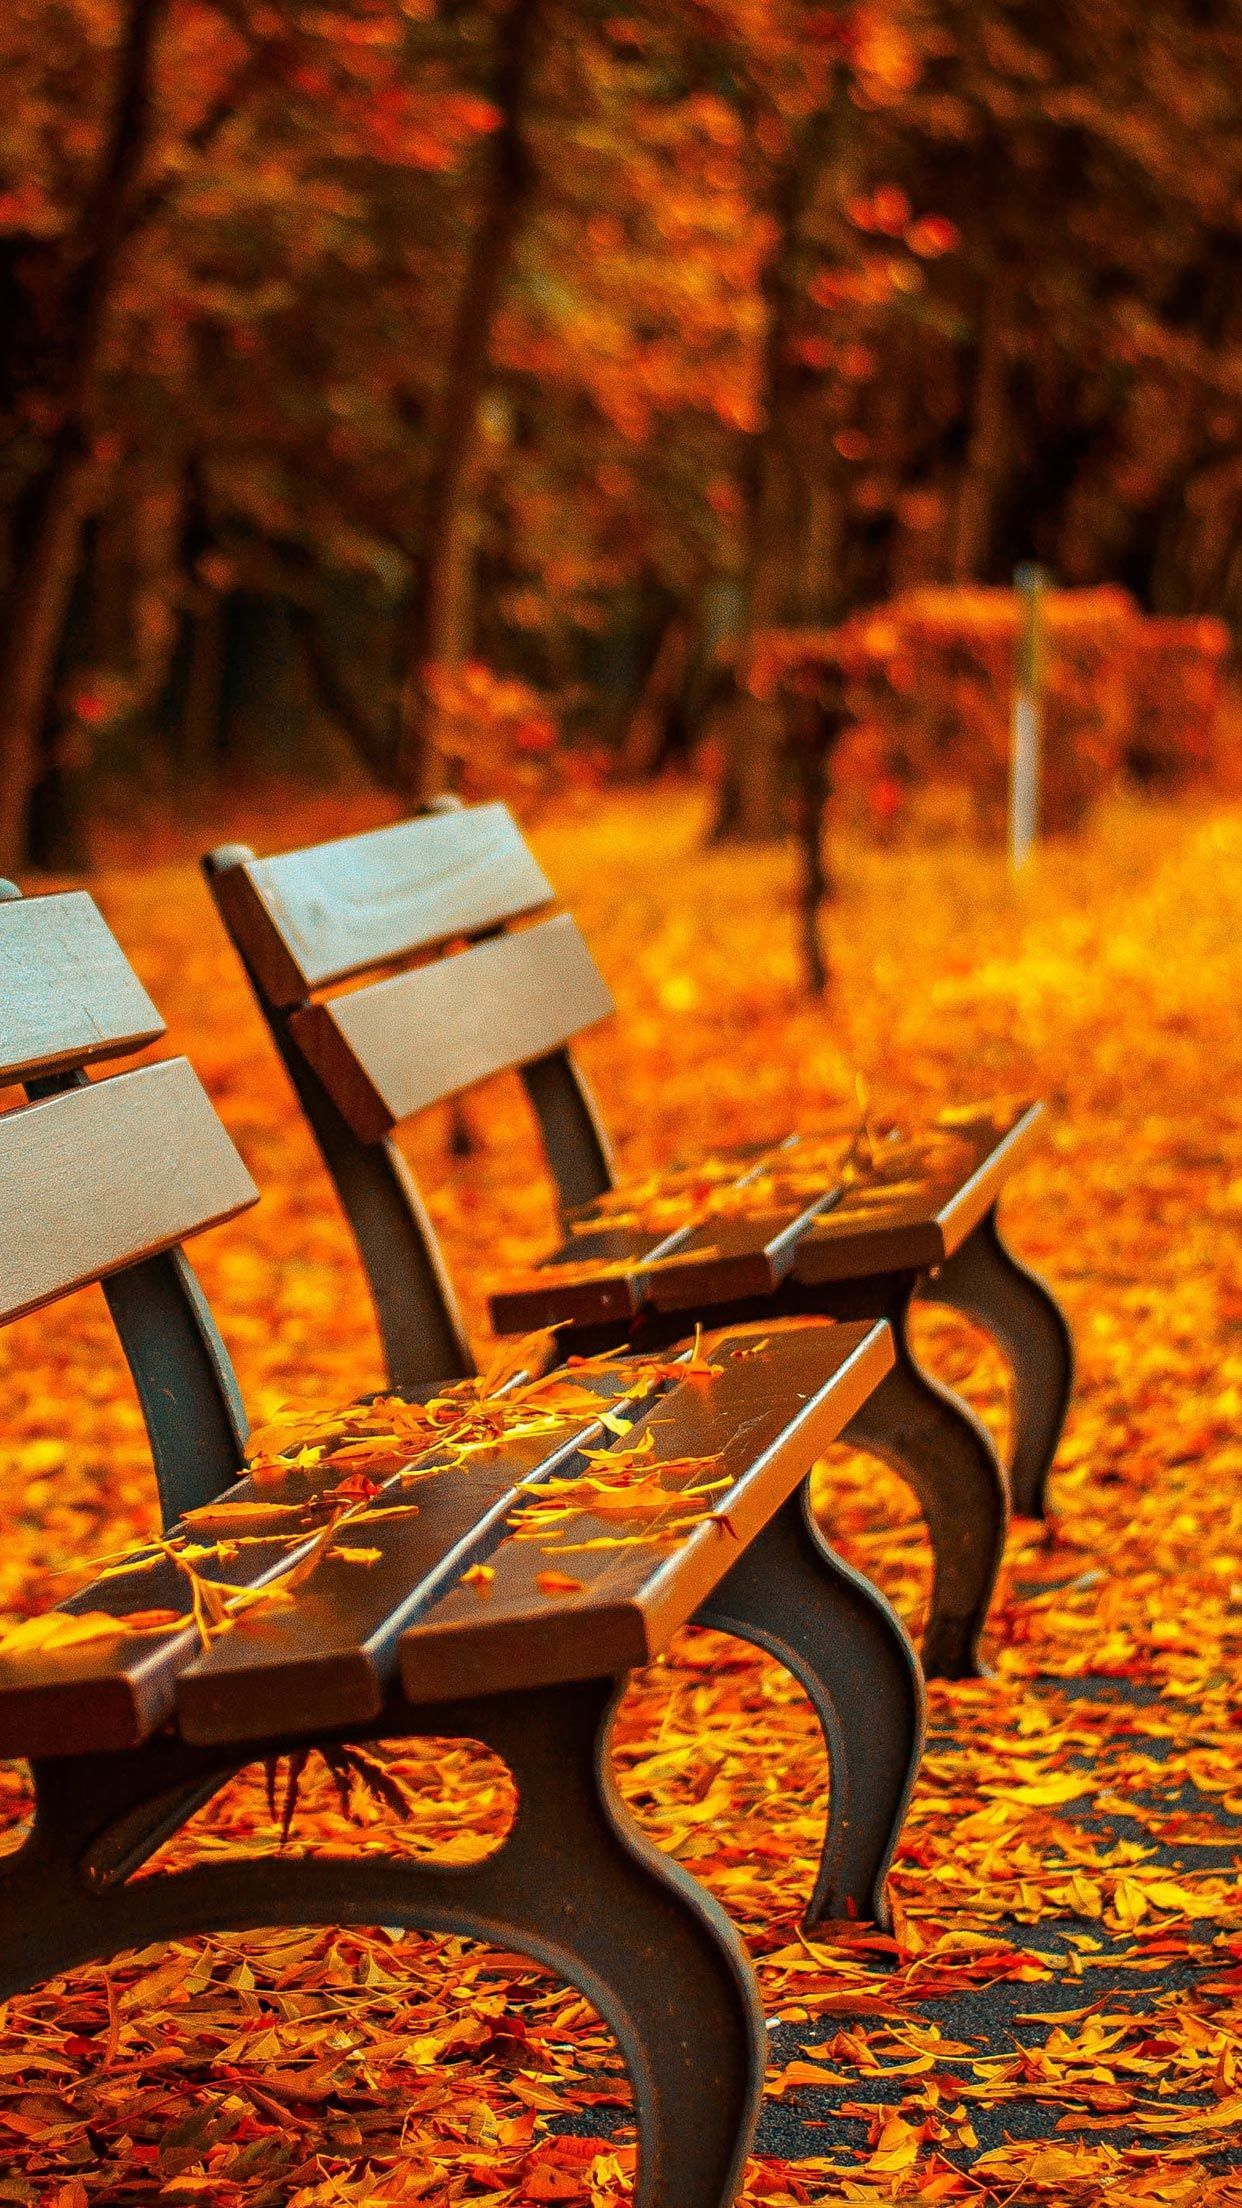 foto de 15 Fall iPhone XS Wallpapers - Best Autumn Backgrounds   Landscape ...